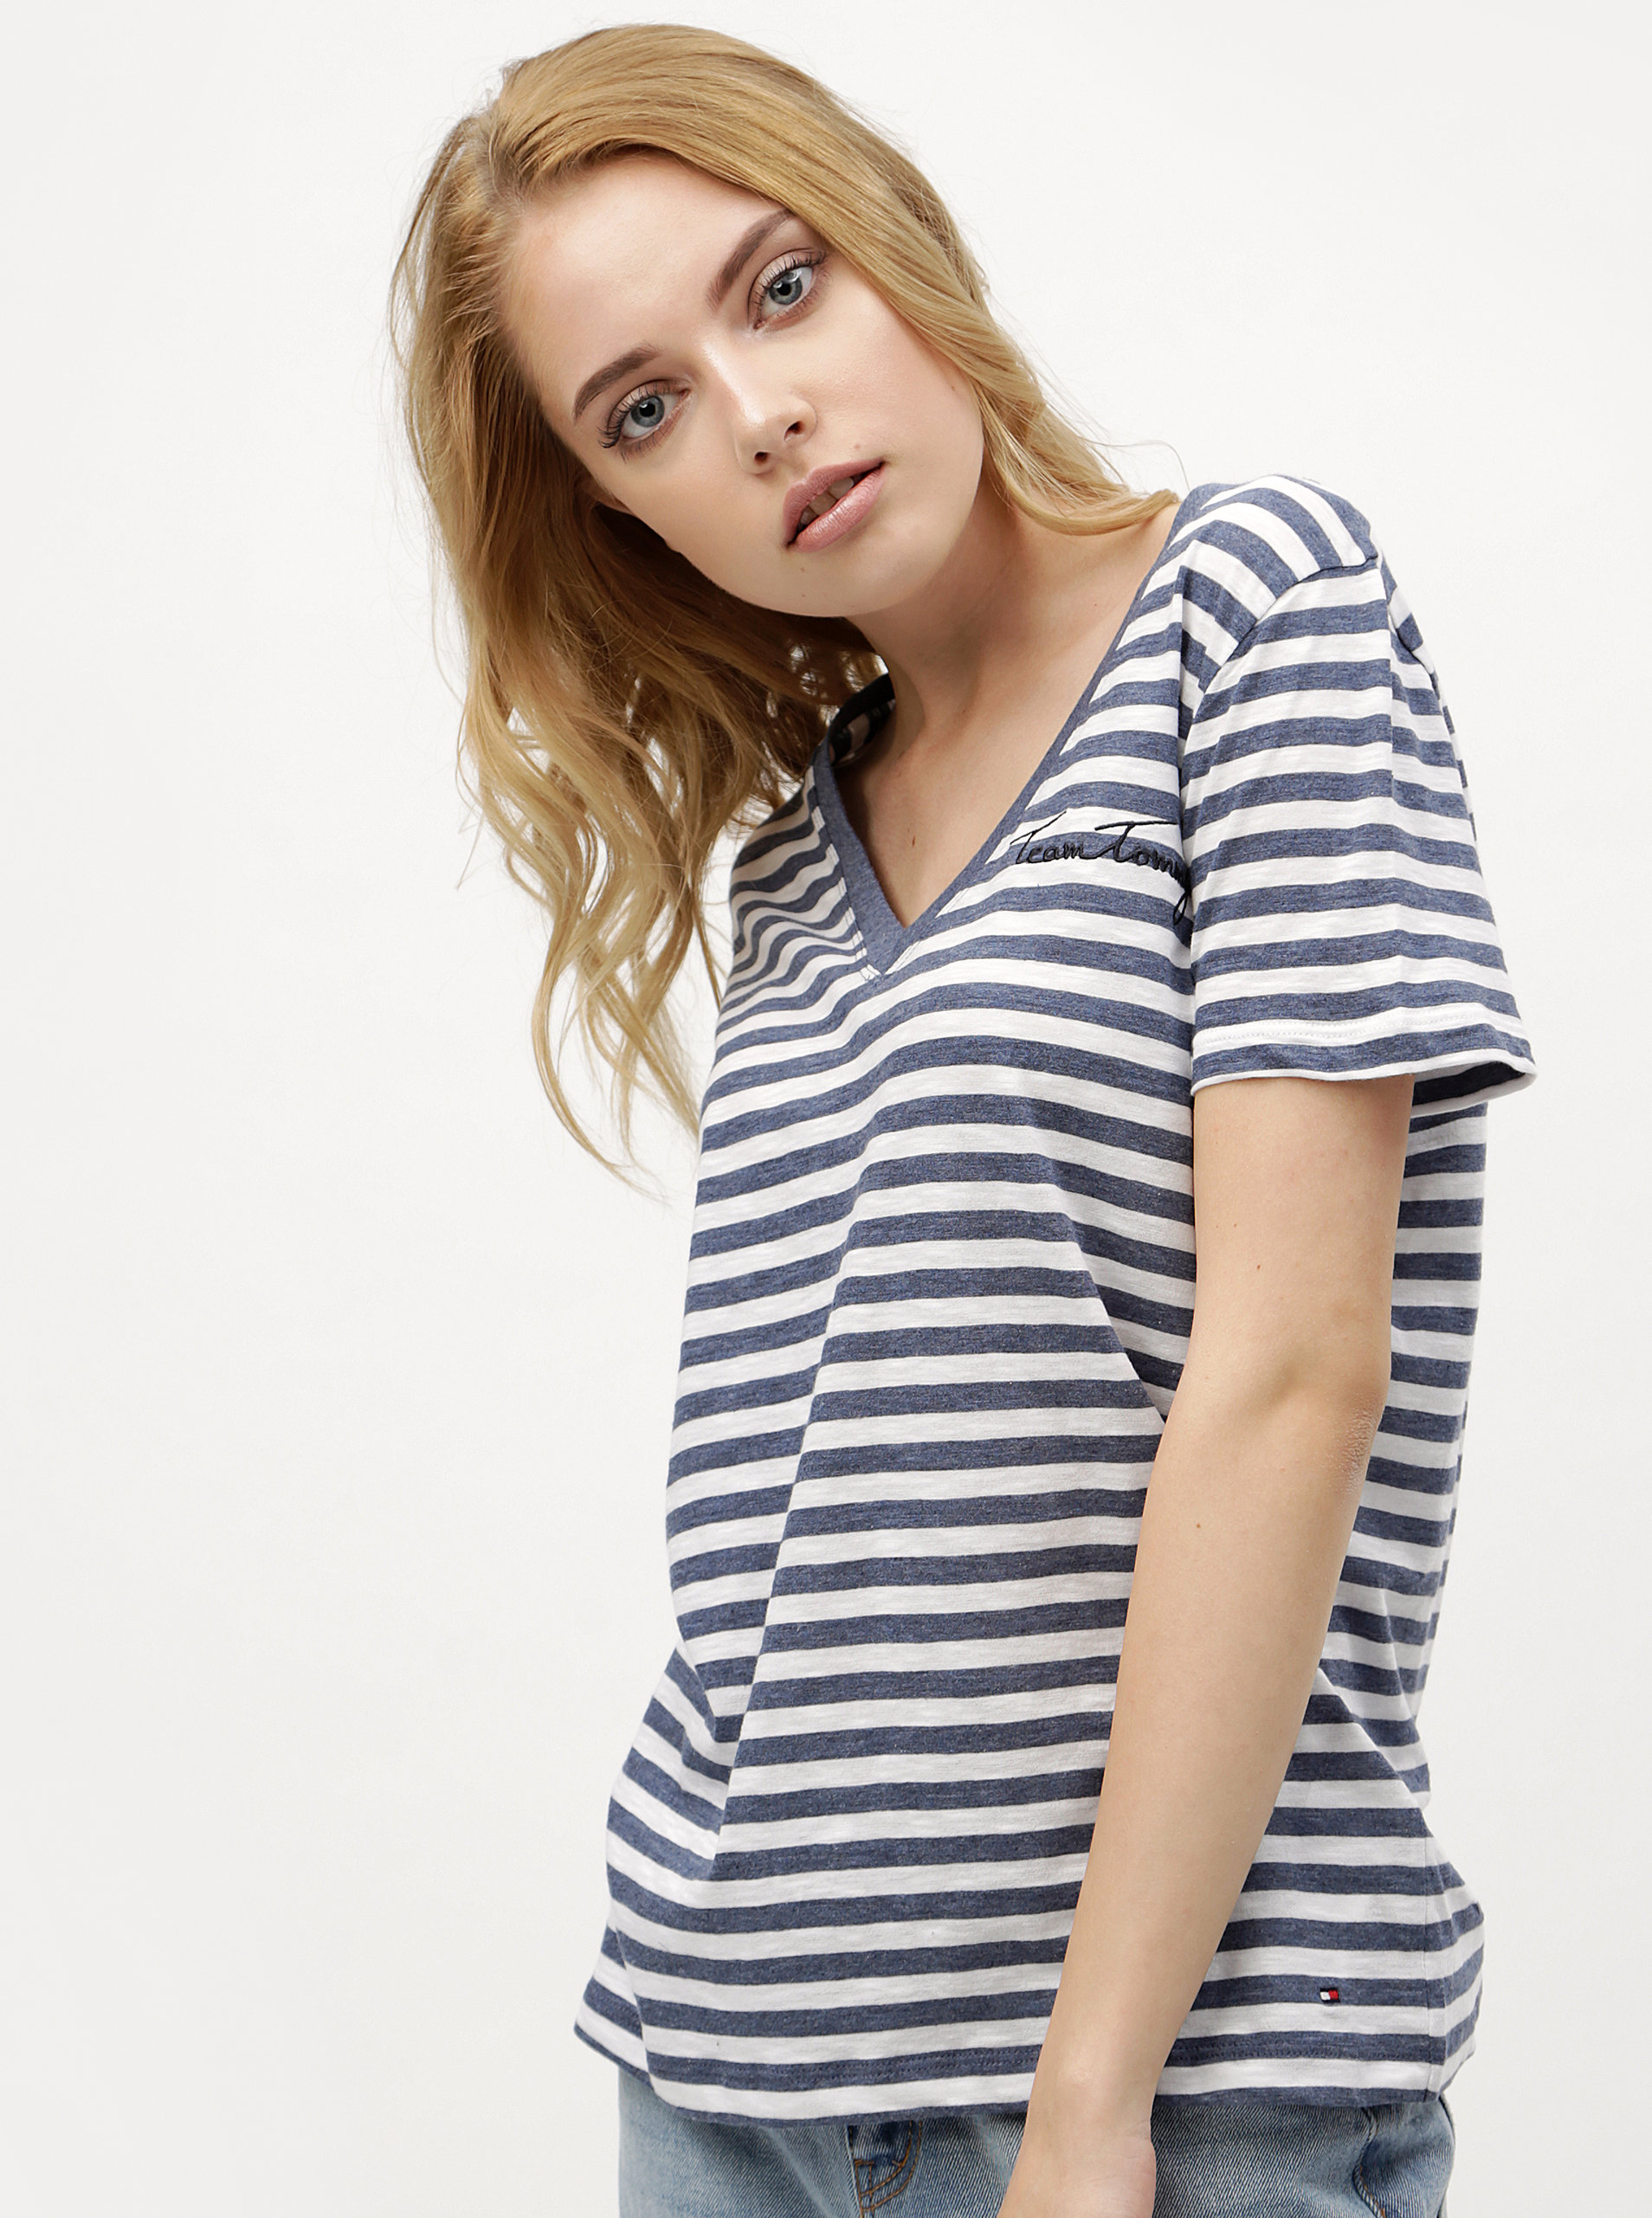 Bielo-modré dámske pruhované tričko Tommy Hilfiger ... 055e9a8ee52